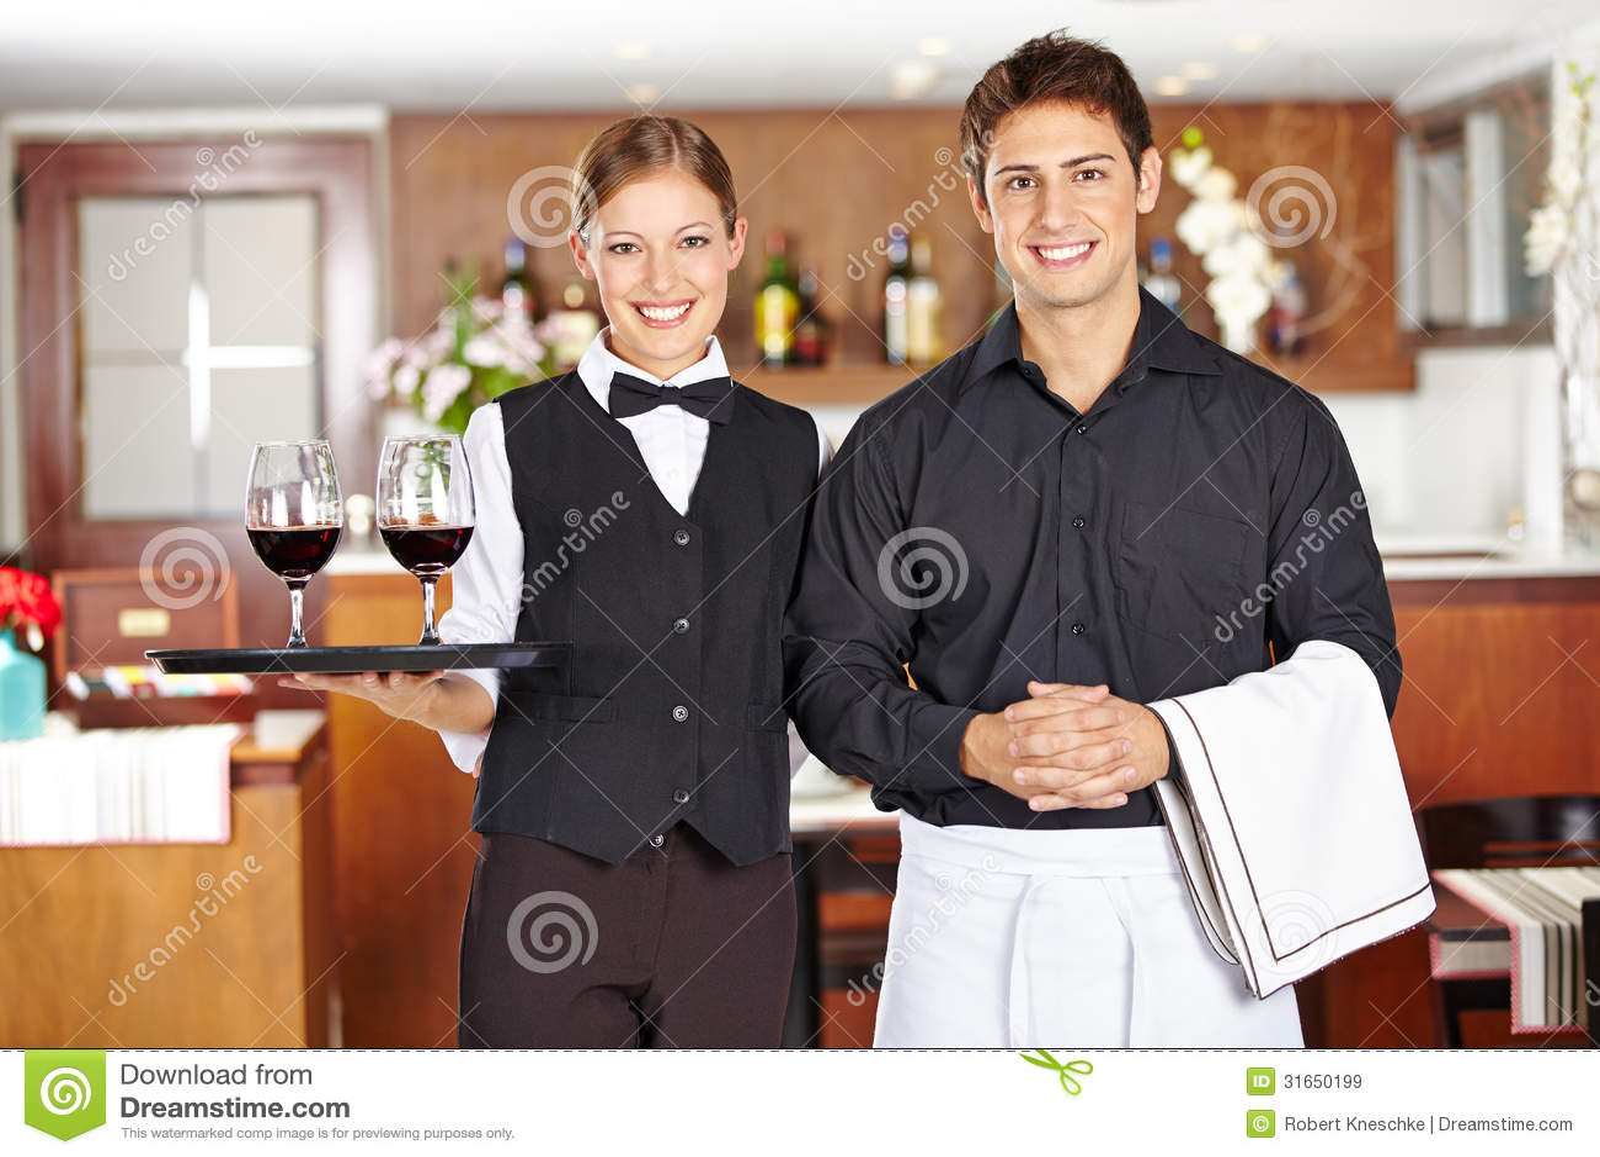 侍者职员队在餐馆